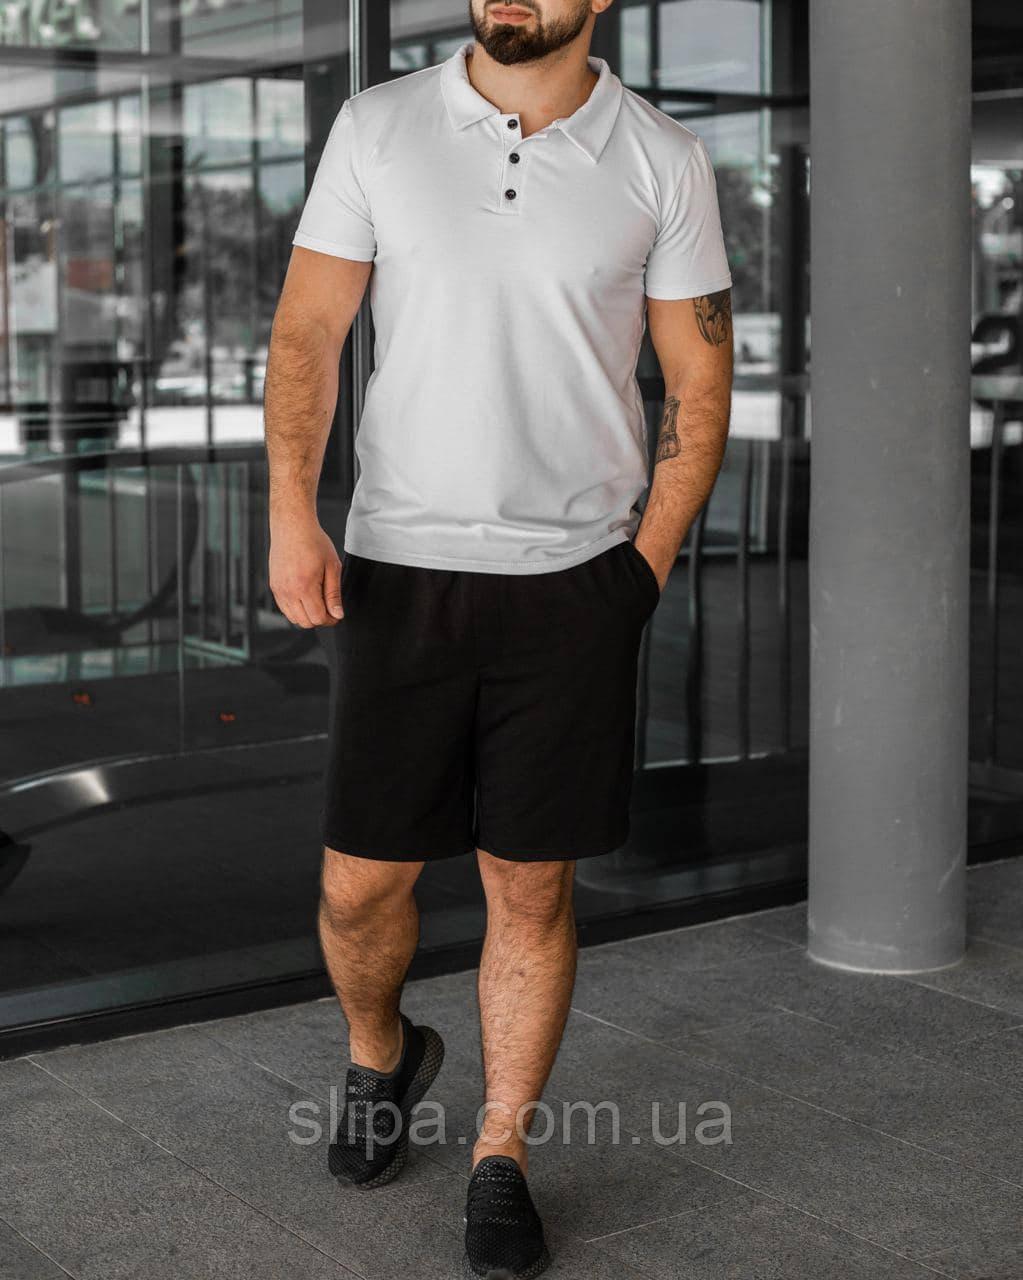 Чорно-білий літній чоловічий комплект Polo   поло + шорти